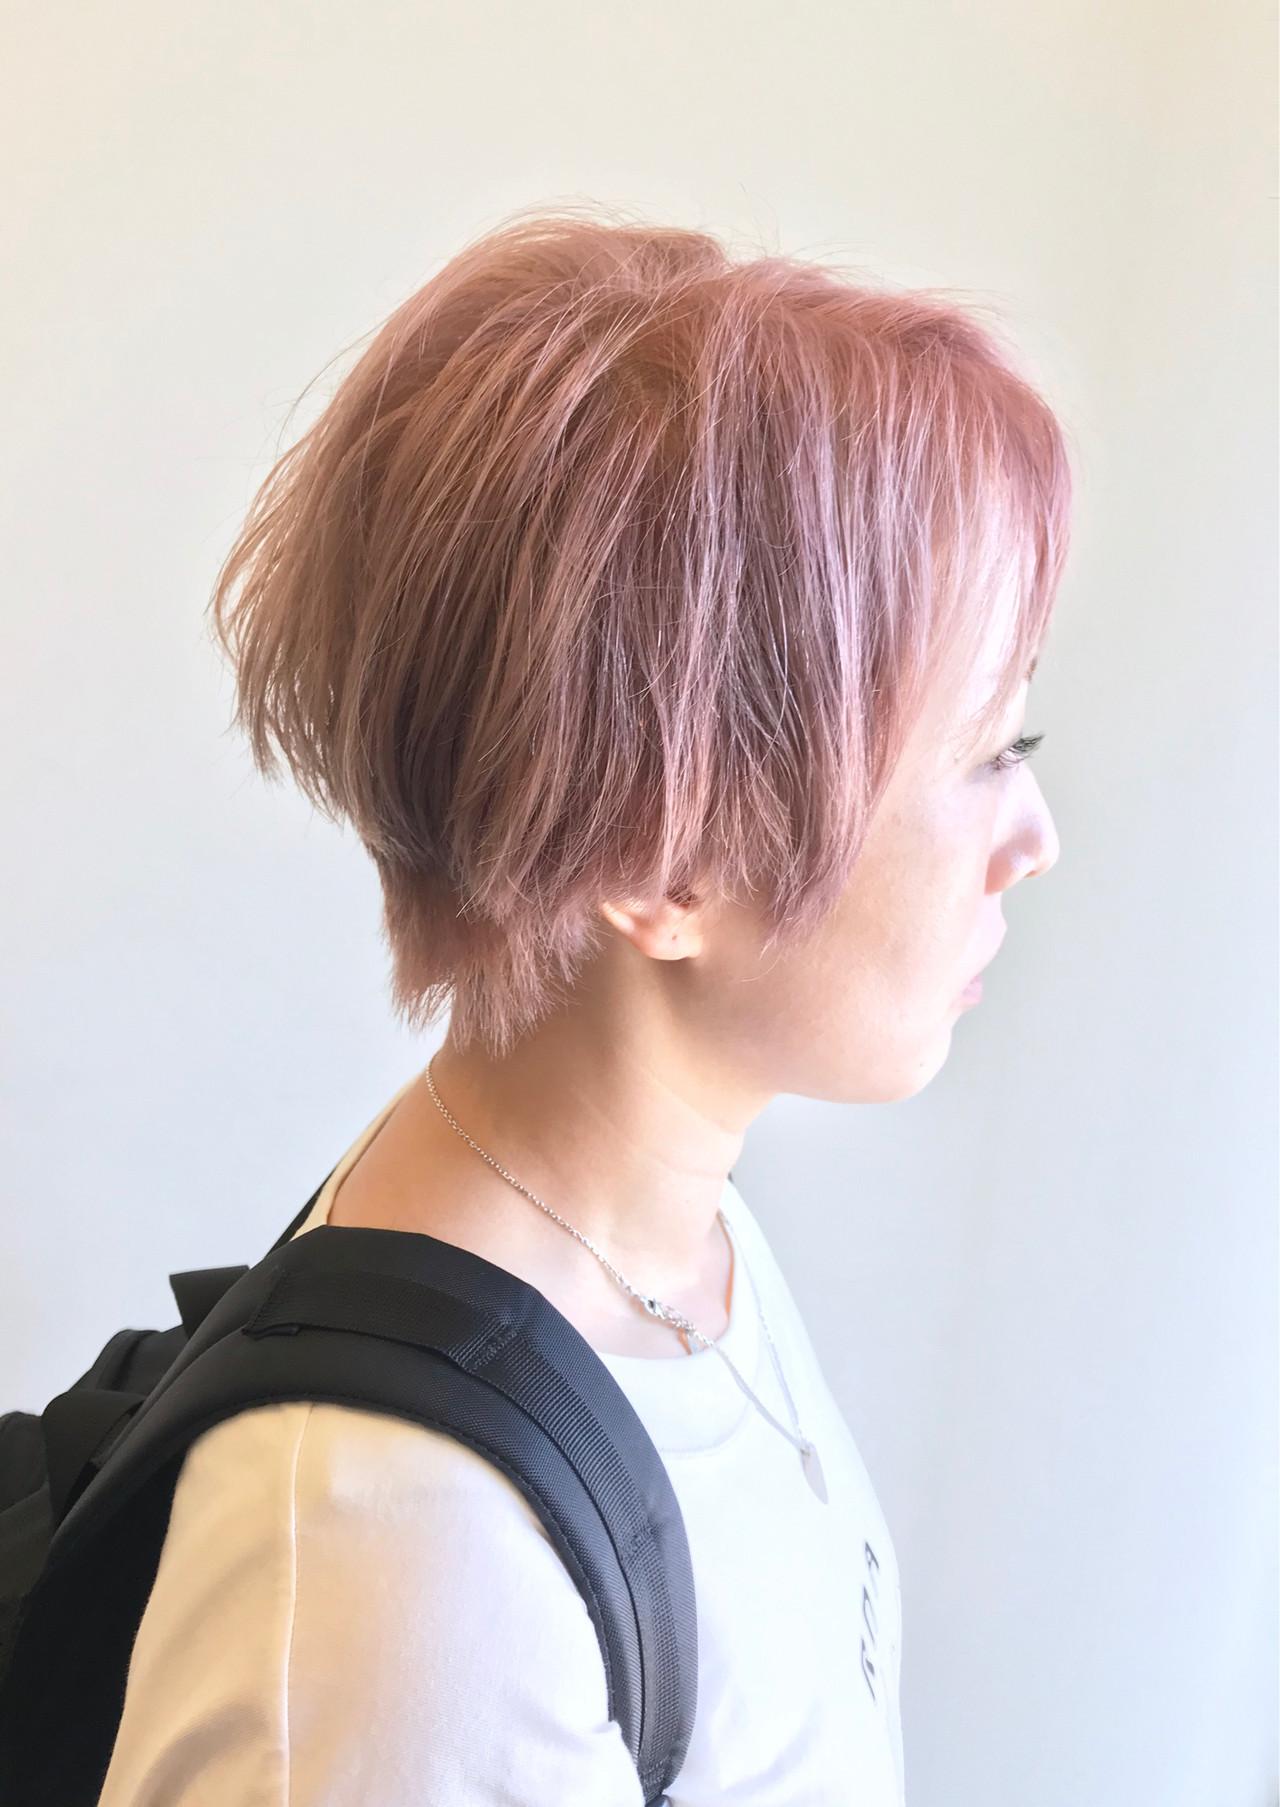 ハイトーンカラー ショート モード ピンクベージュ ヘアスタイルや髪型の写真・画像